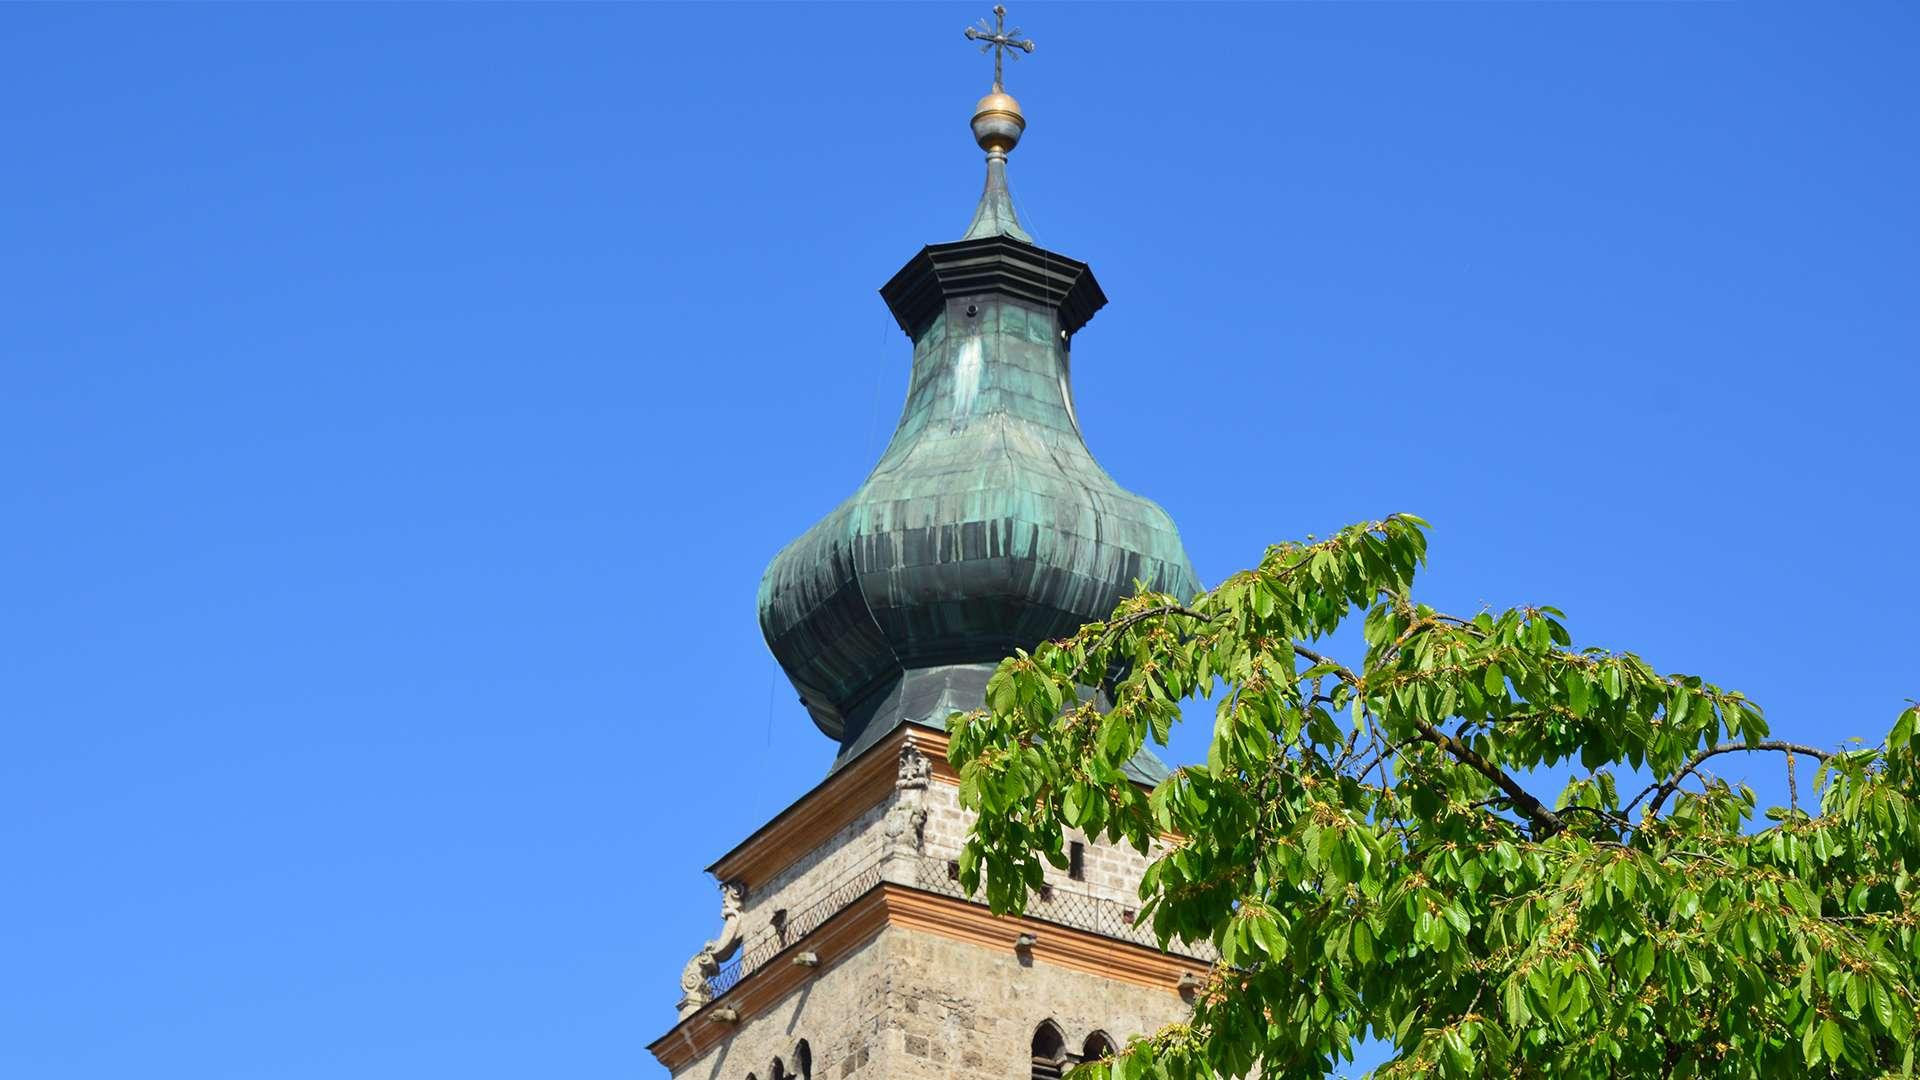 Spitze des Kirchturms in Mühldorf